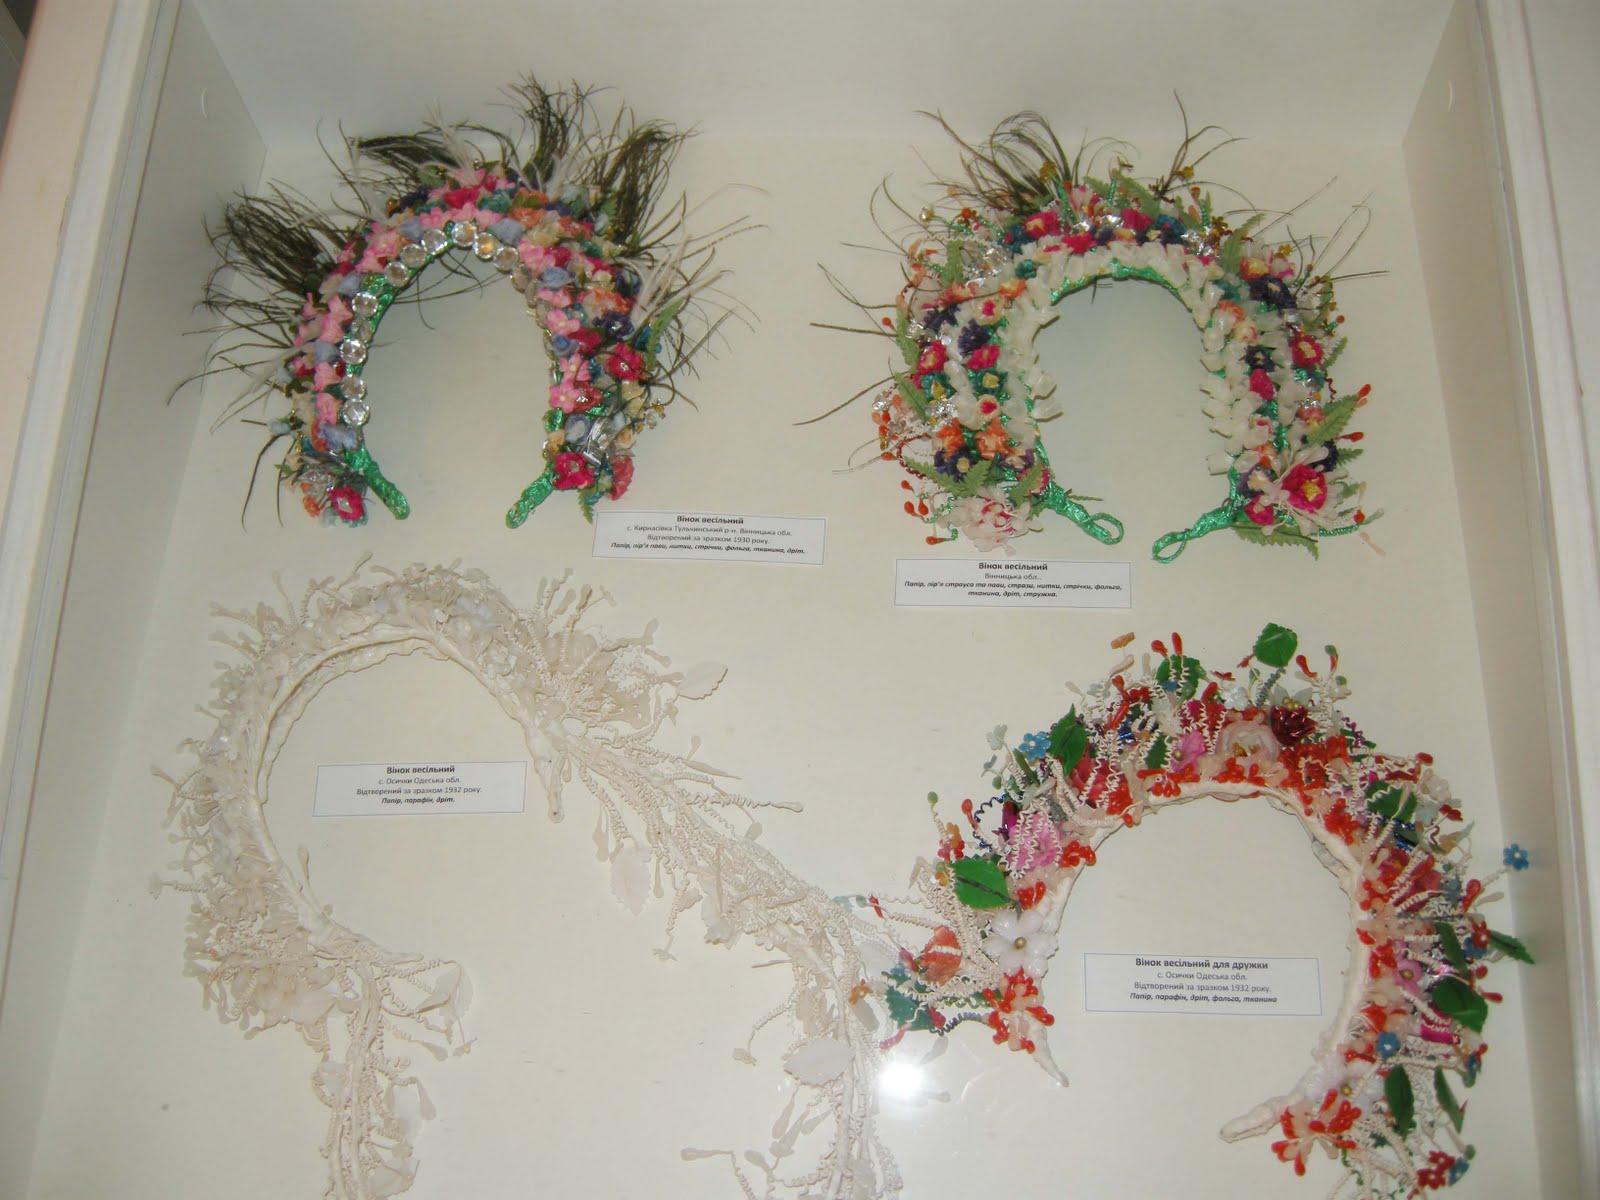 Український вінок сьогодні ukrainan wreath